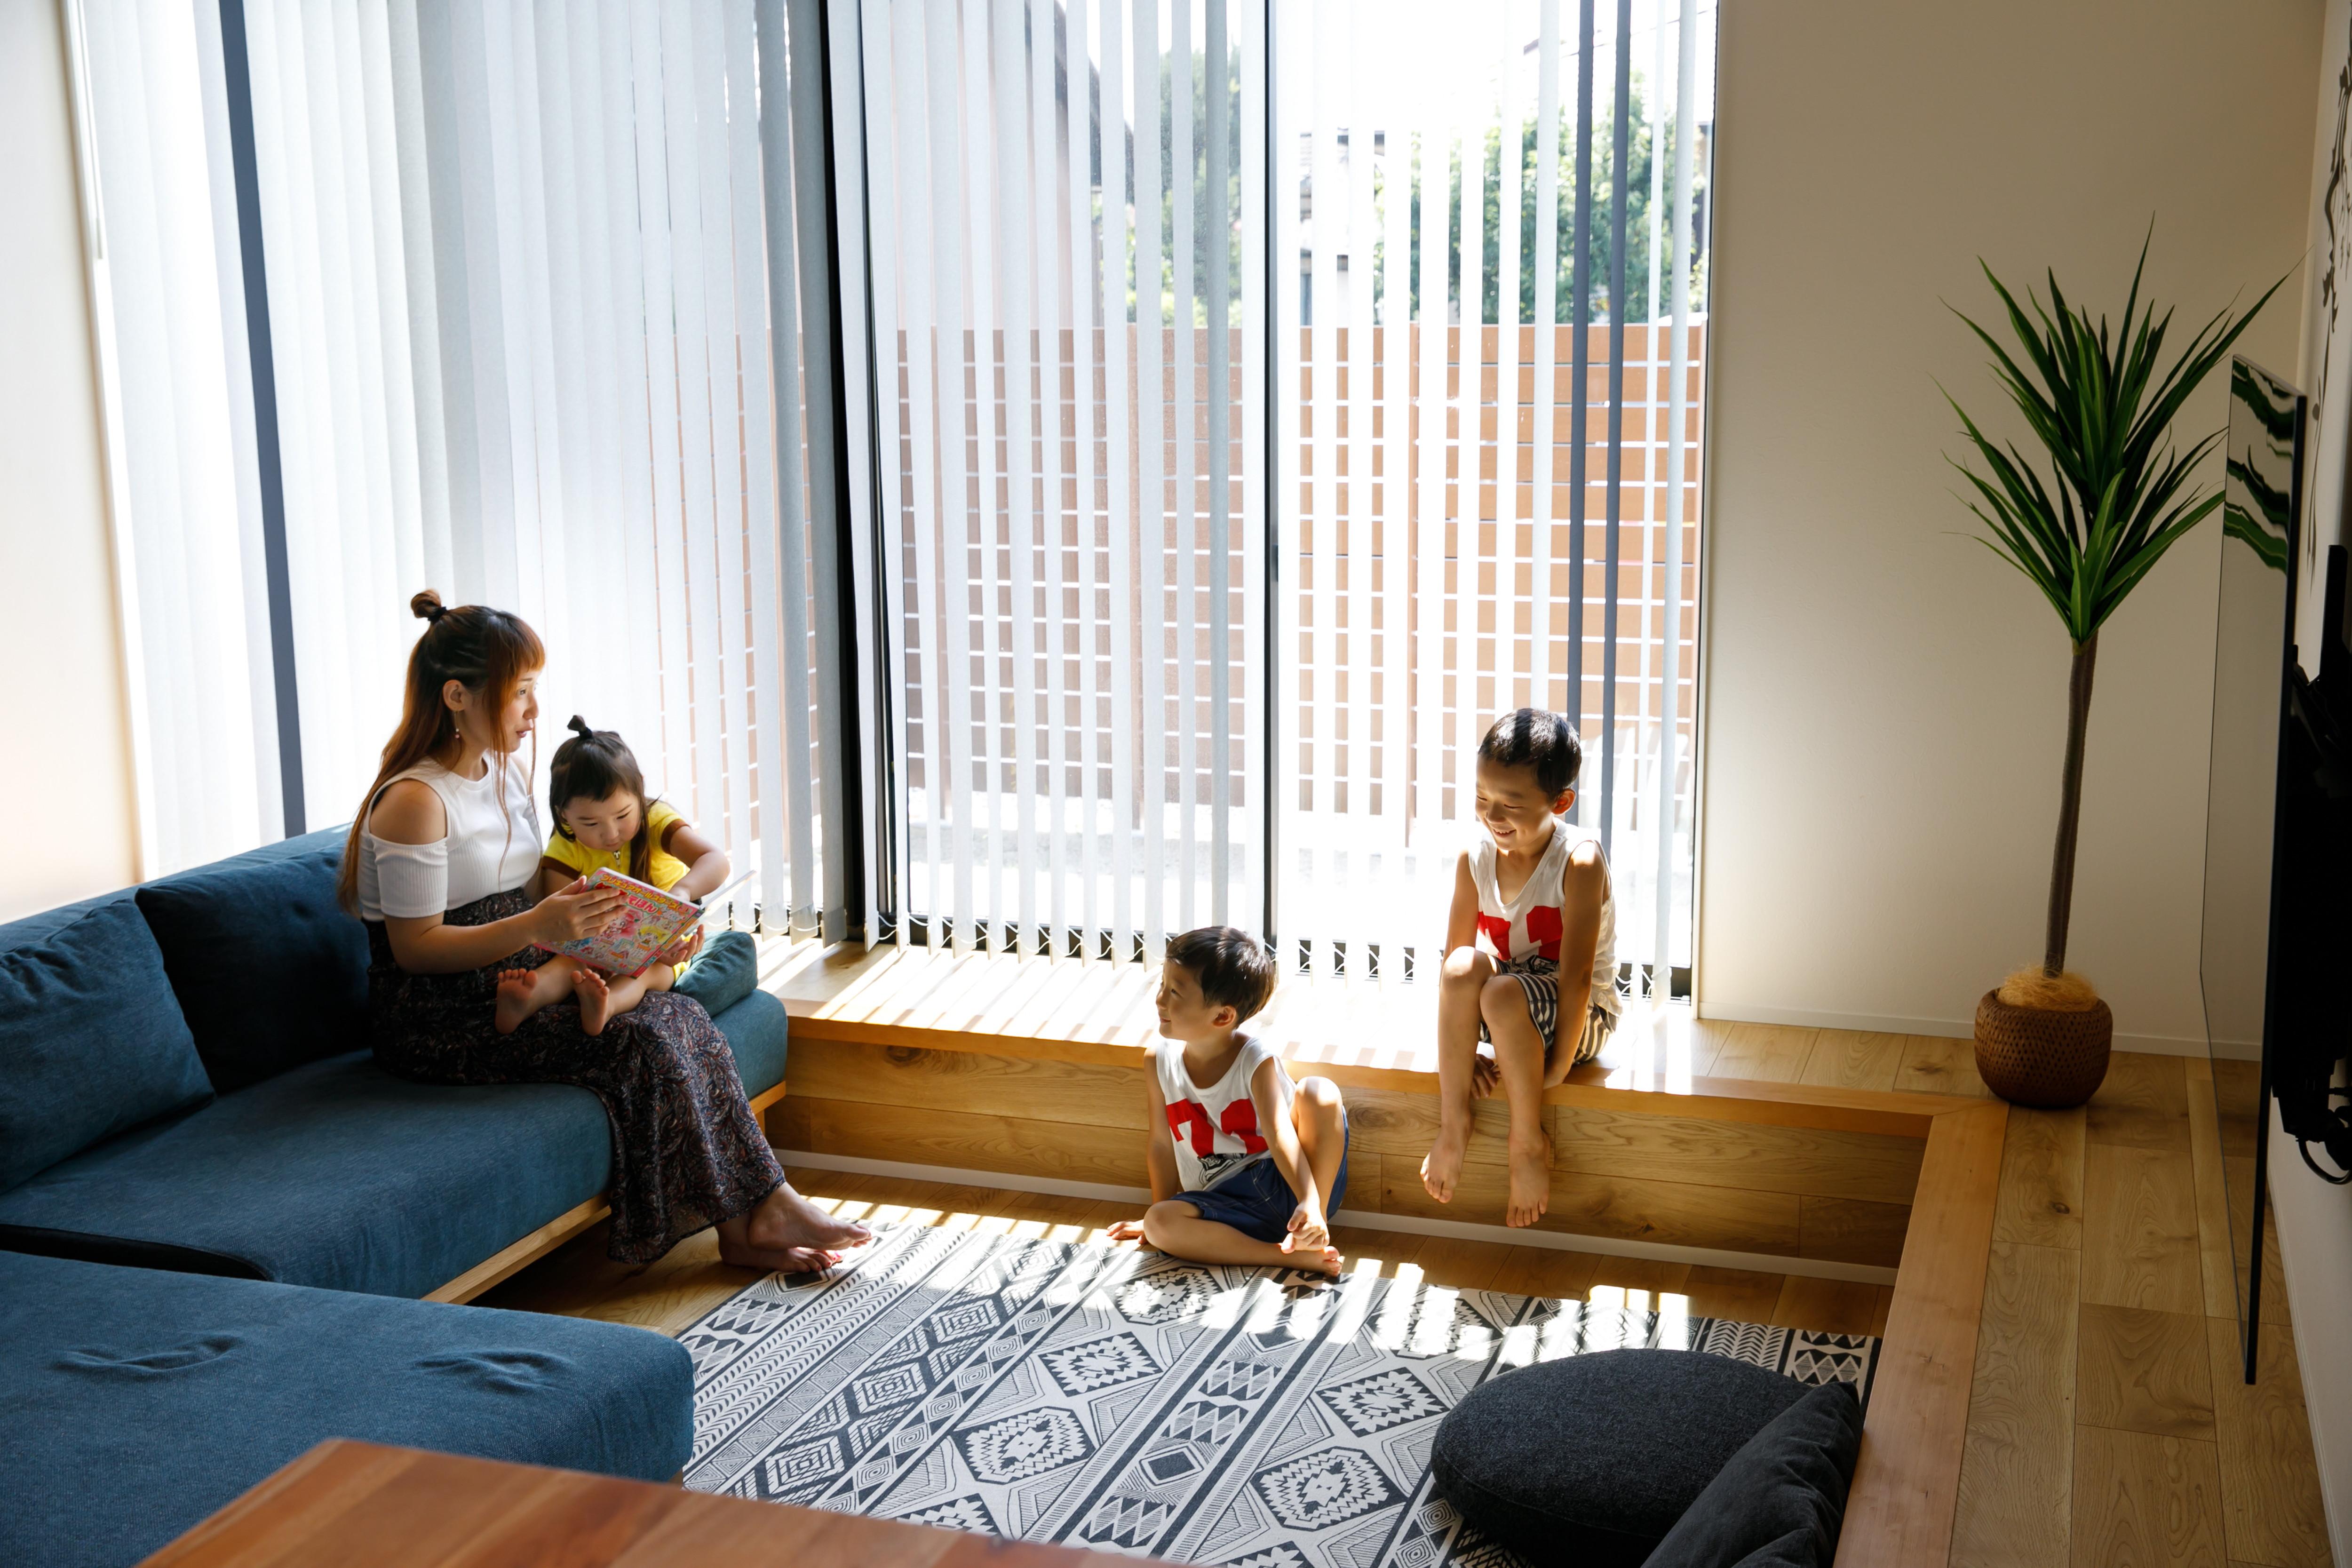 子どもたちと楽しむお家